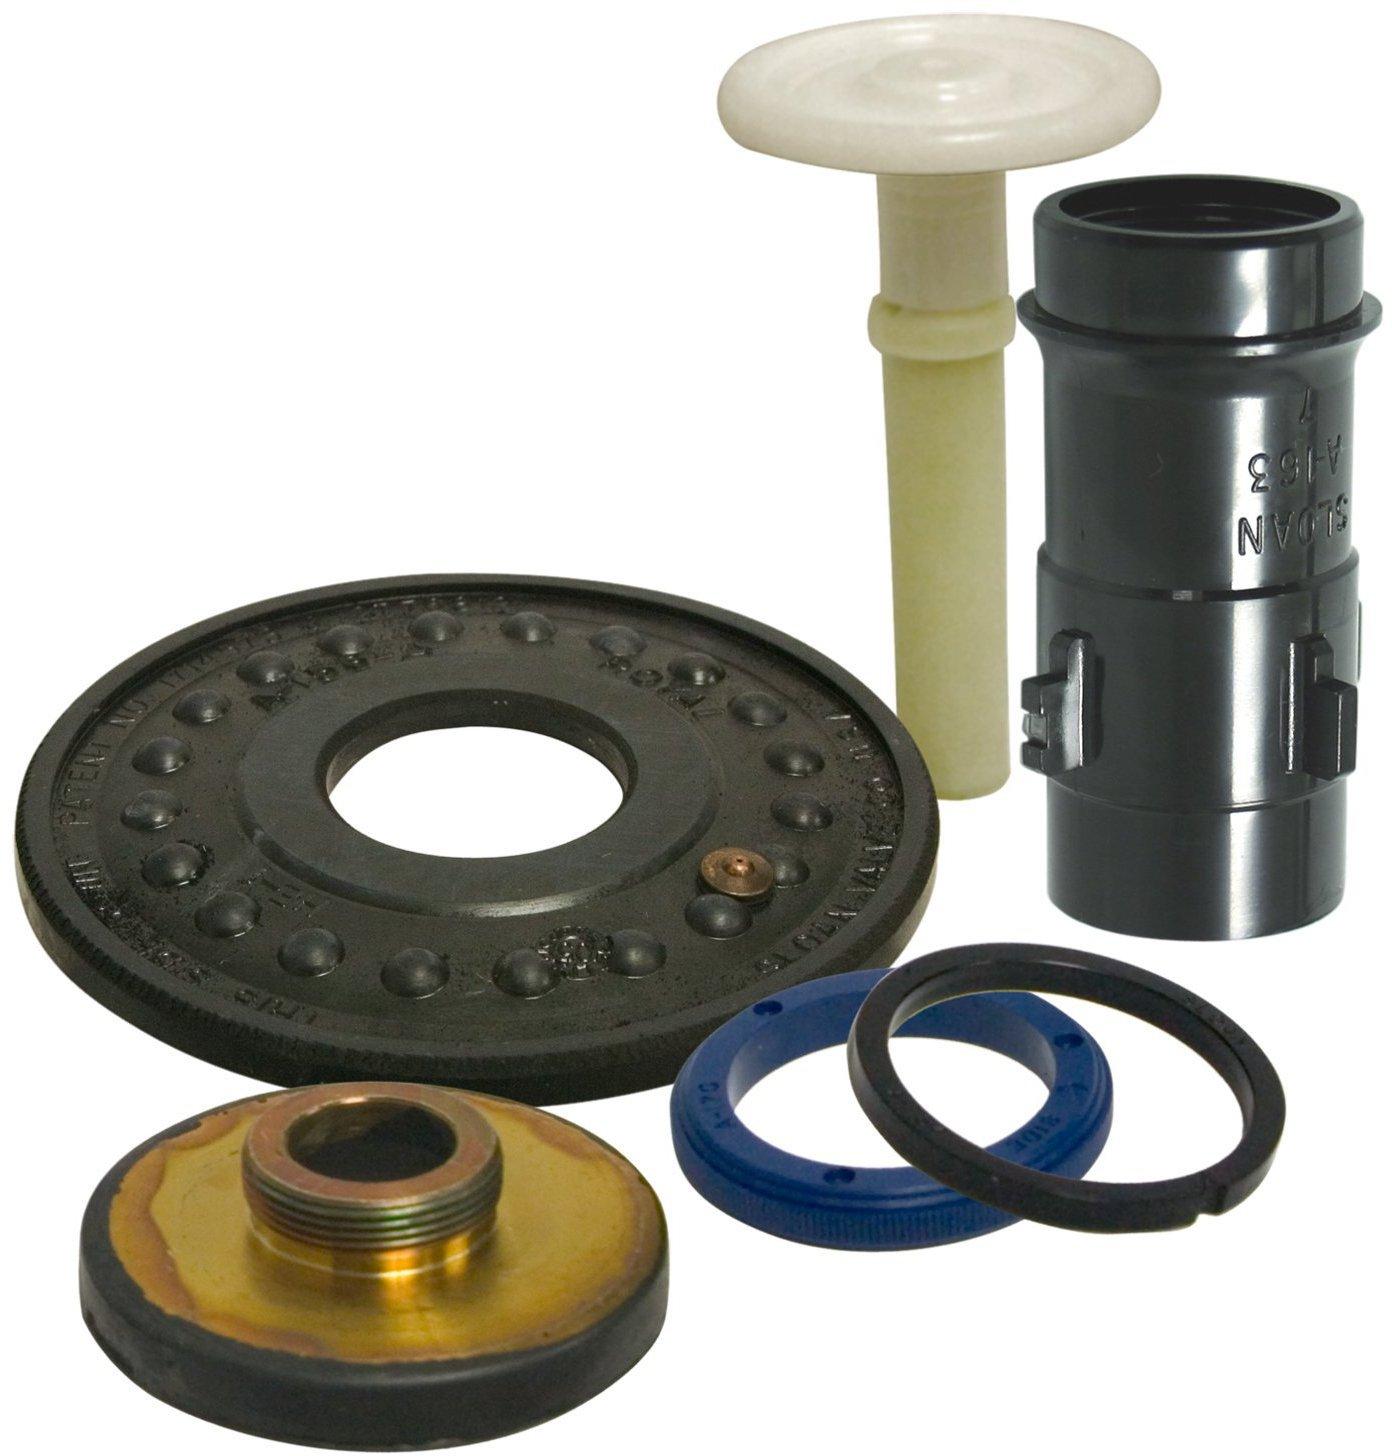 Sloan 131063 Urinal Repair Kit for 1.6 Gallon Toilets